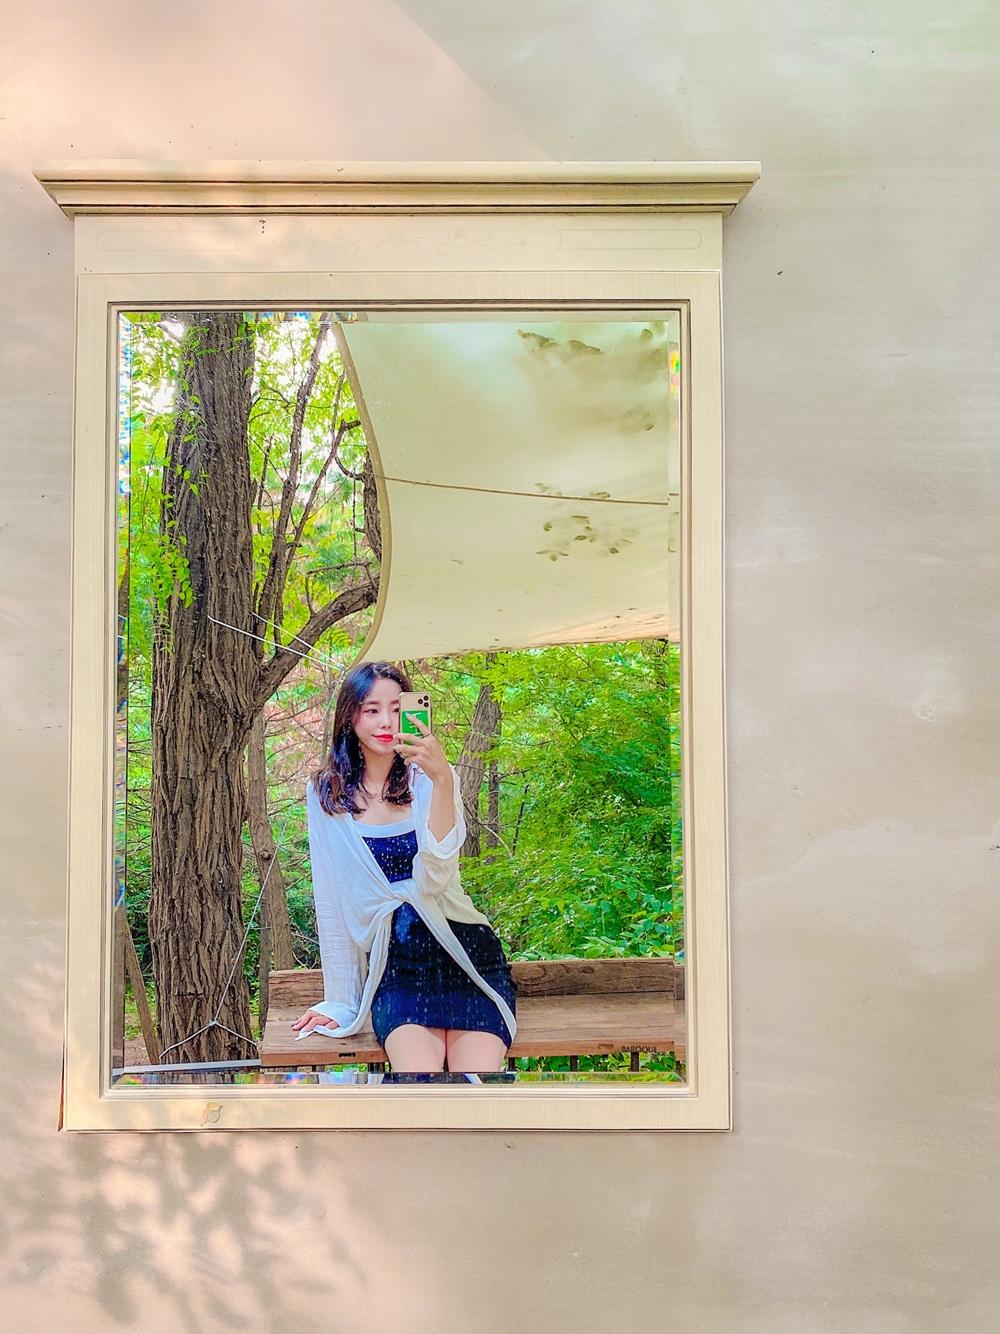 하남 미사장카페 숲뷰 거울 사진